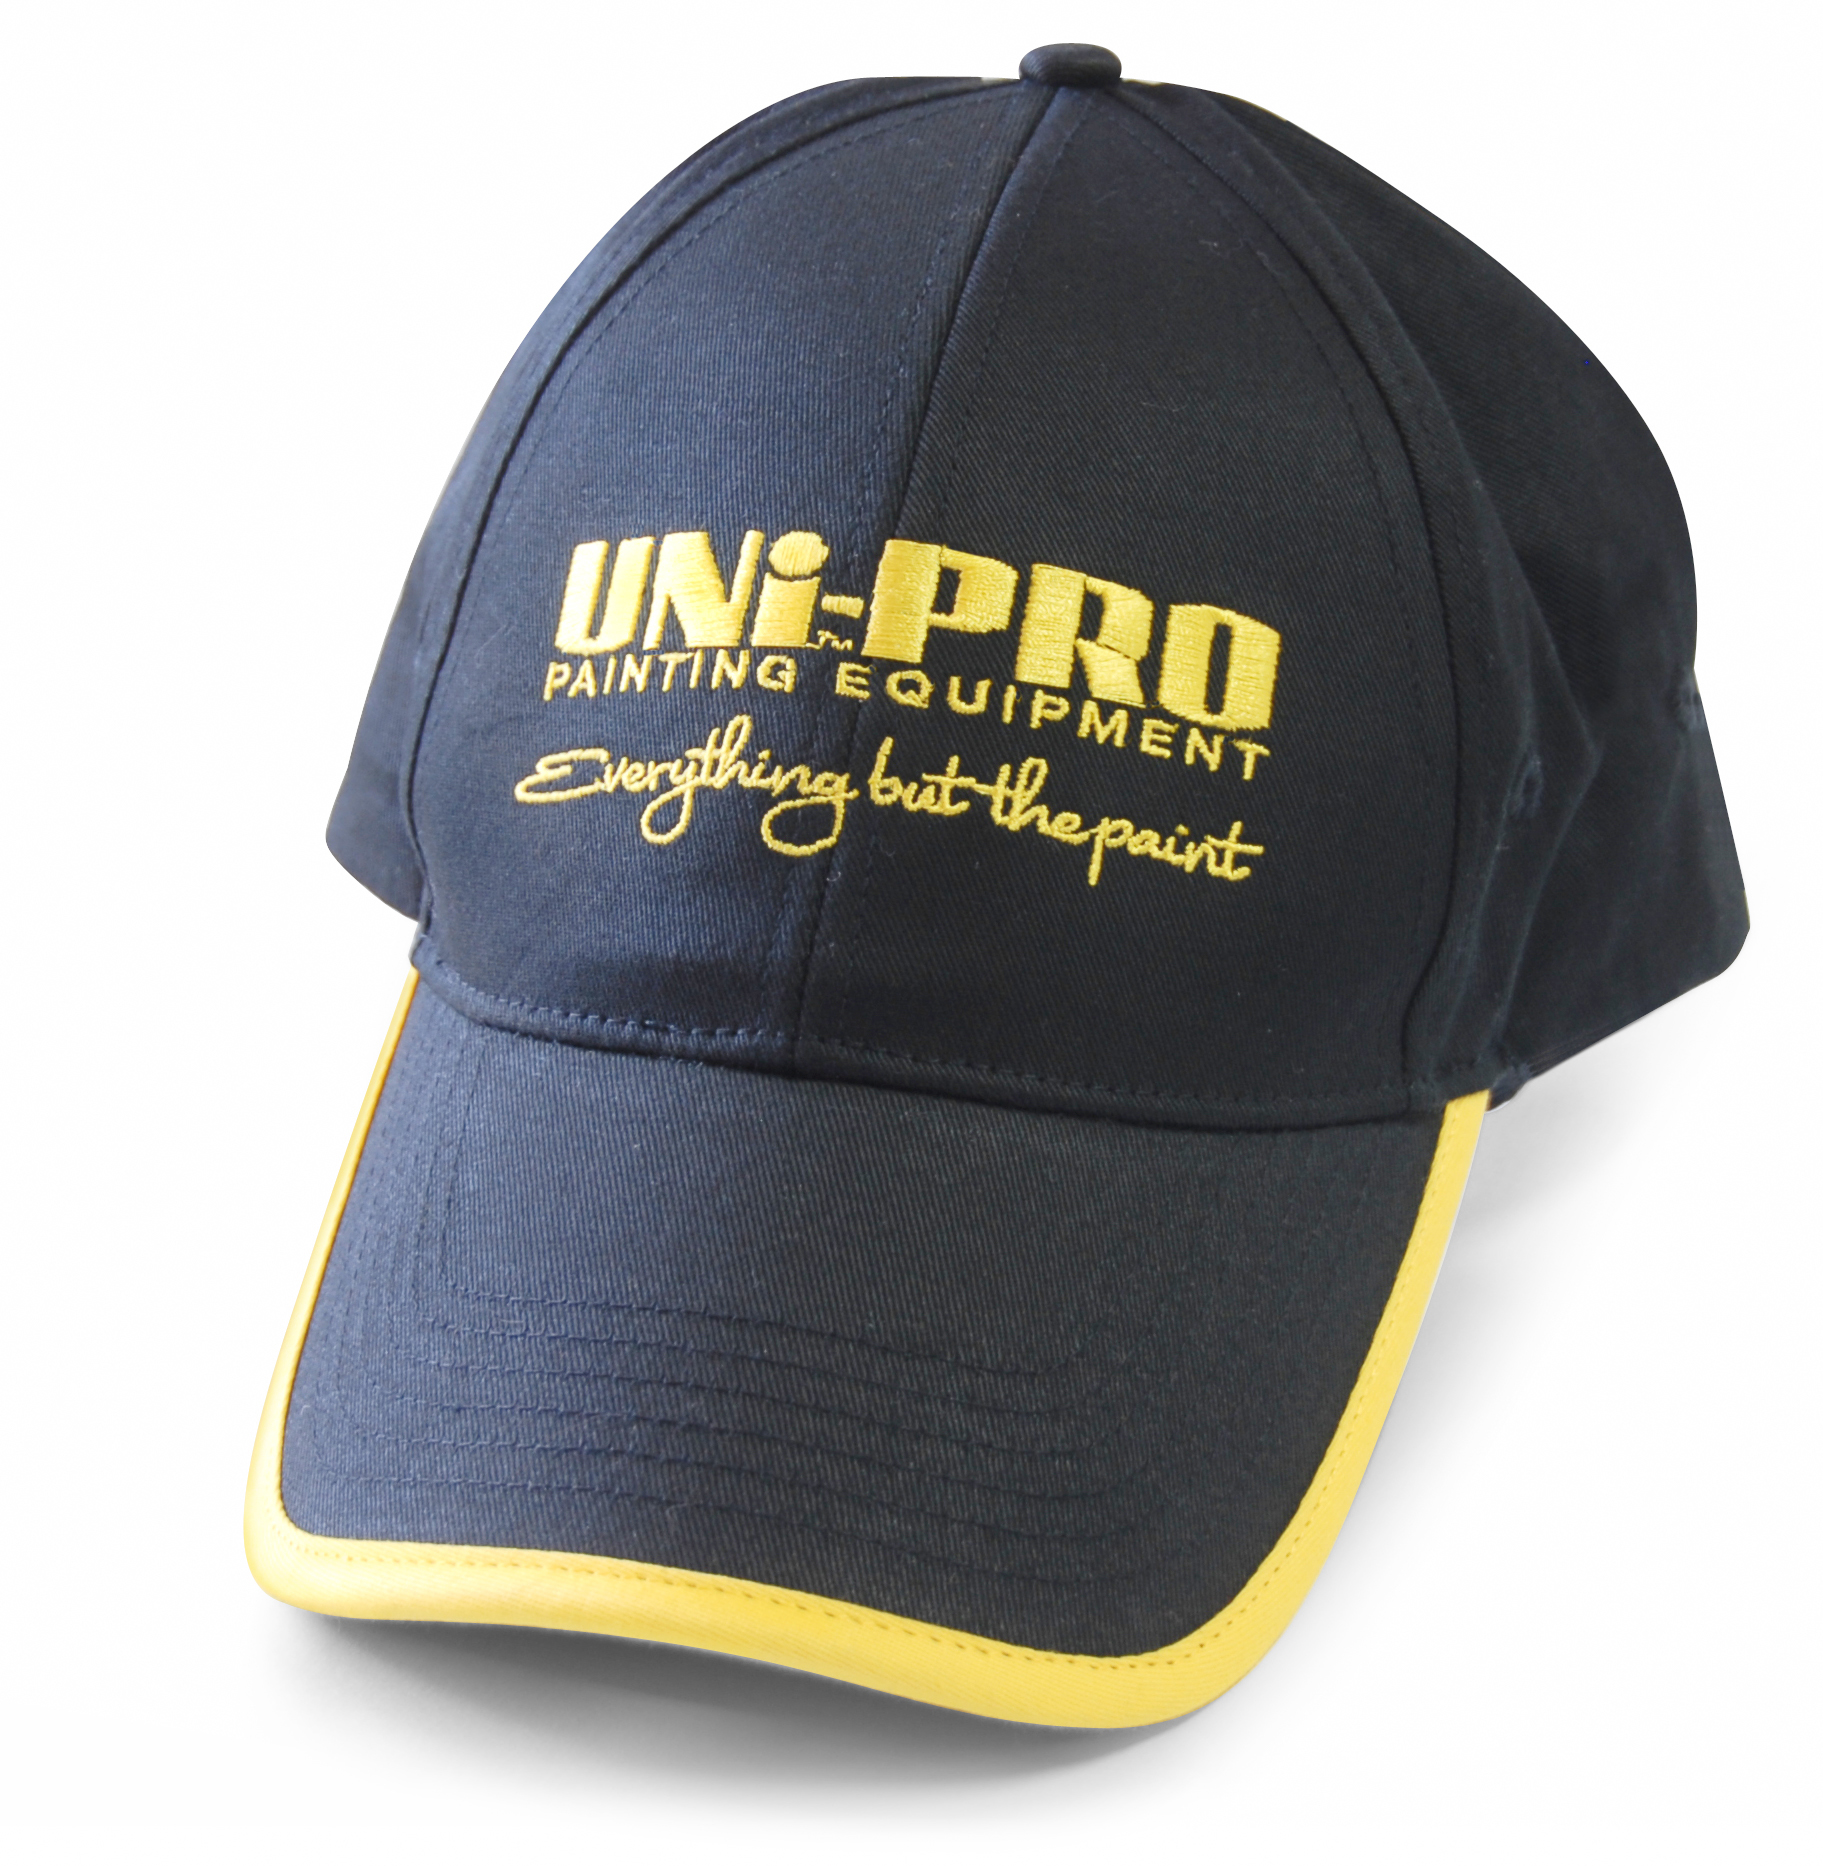 UNi-PRO Painter's Cap